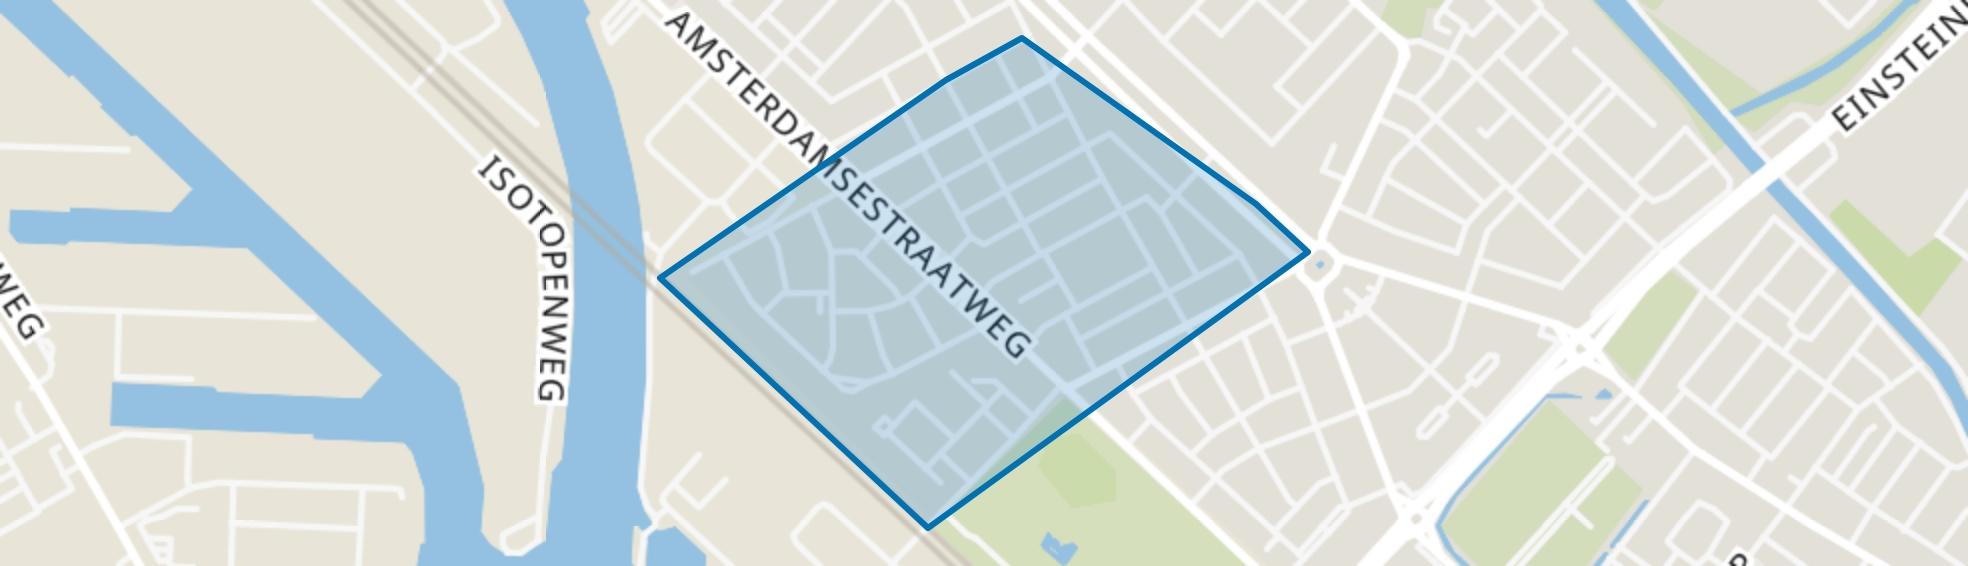 Elinkwijk en omgeving, Utrecht map